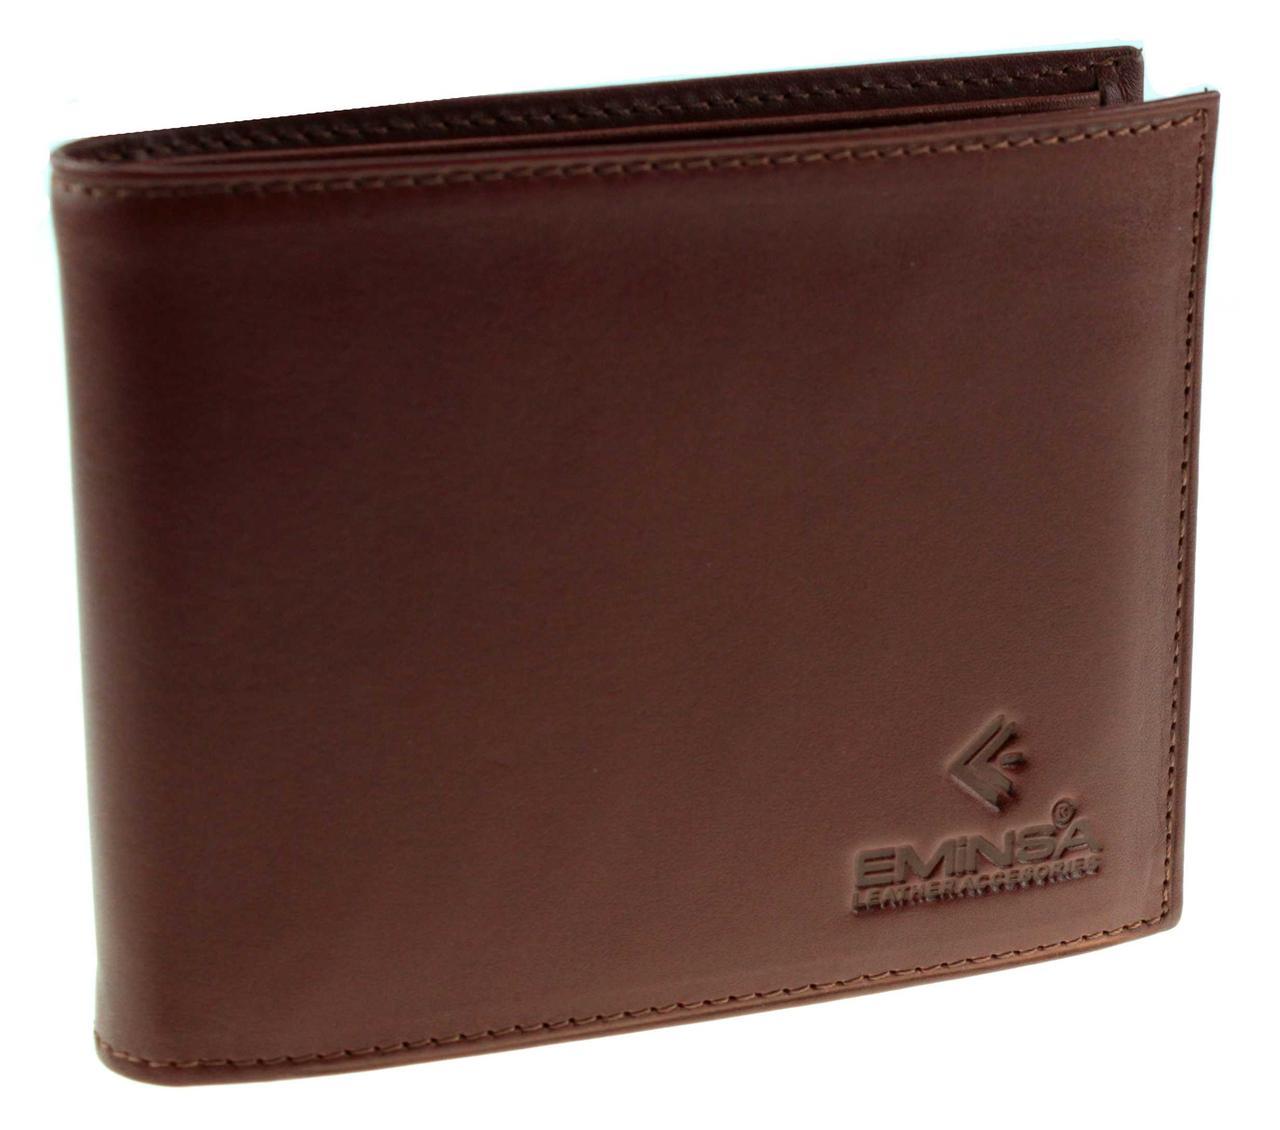 Мужское портмоне Eminsa 1014-19-2 кожаное светло-коричневое